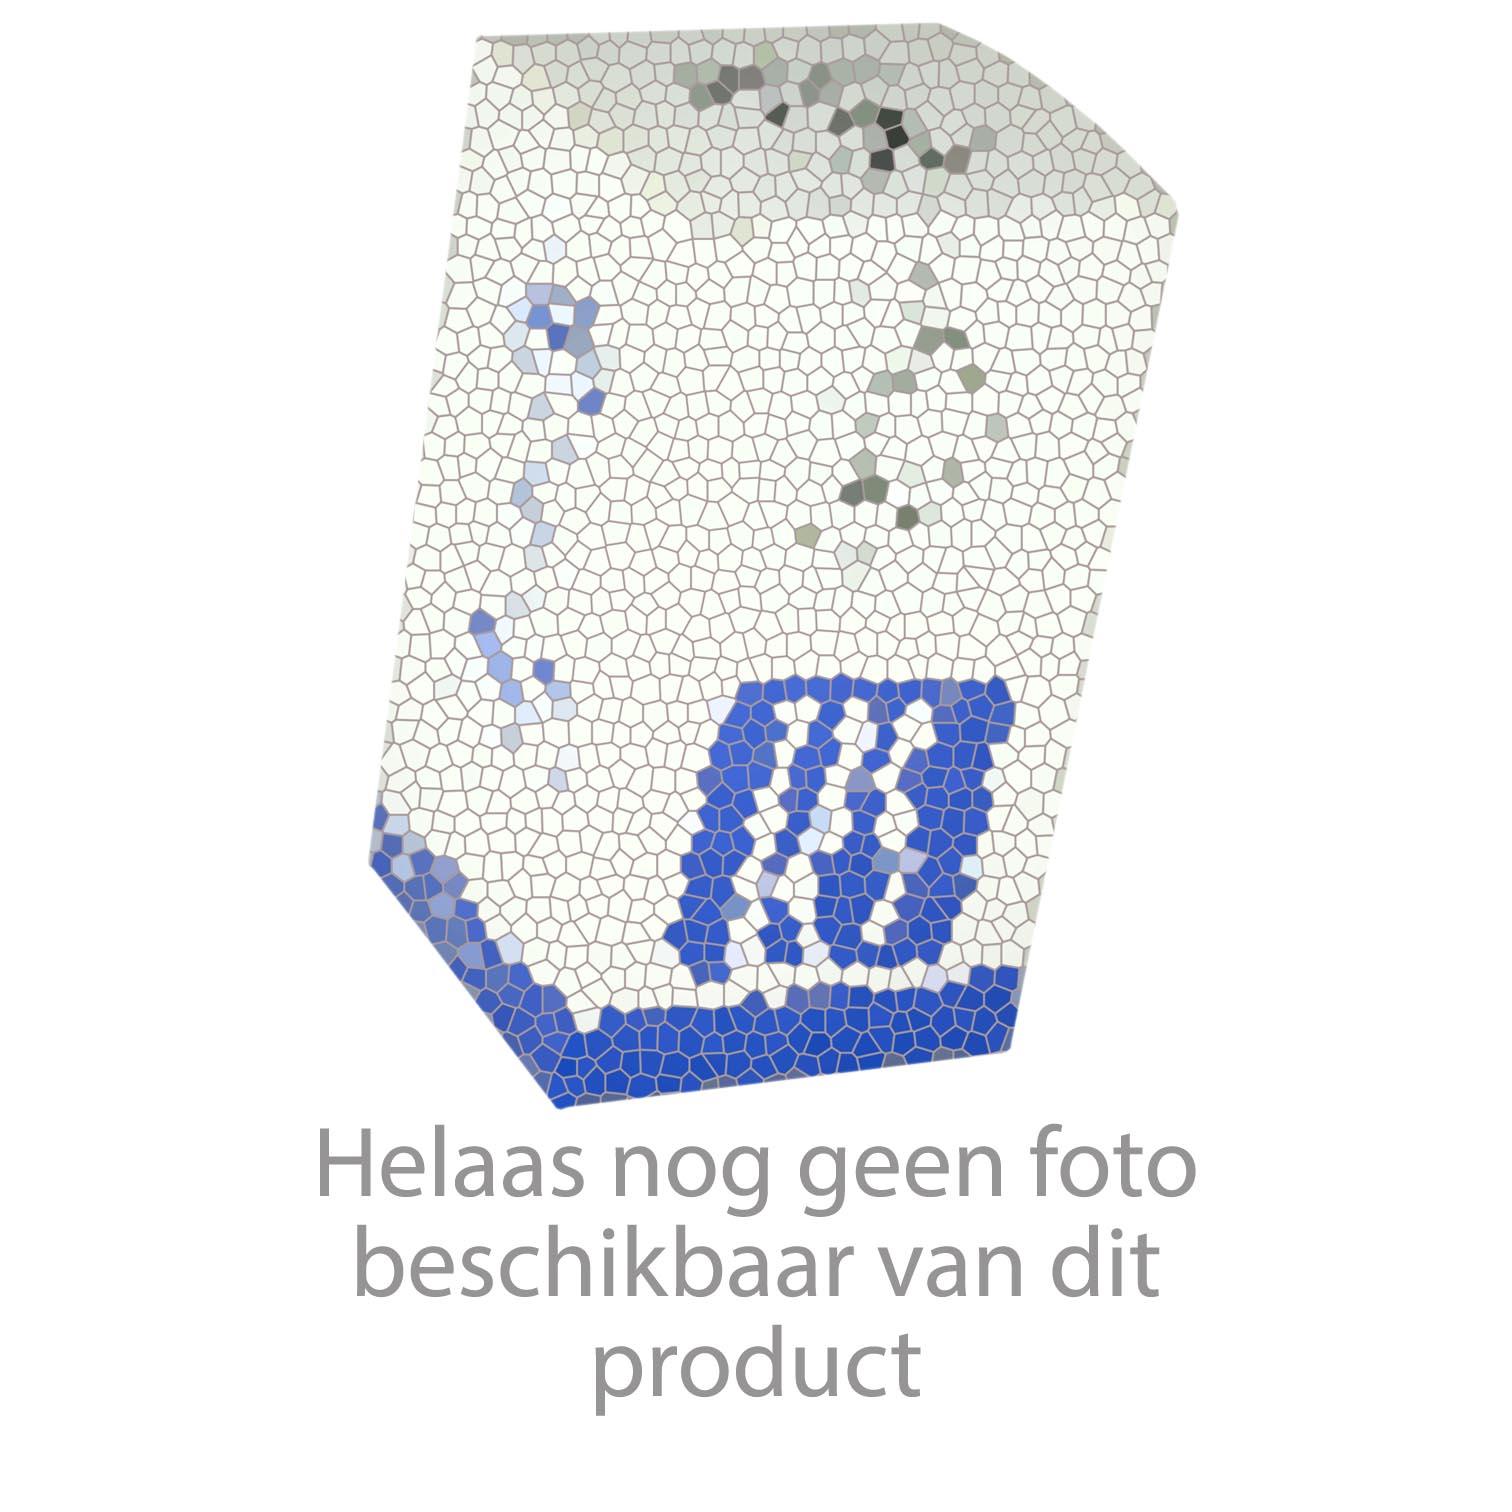 Vola Inbouwthermostaatkraan met 2-weg omstel, naar handdouche met houder en hoofddouche, wandmontage. Geborsteld RVS